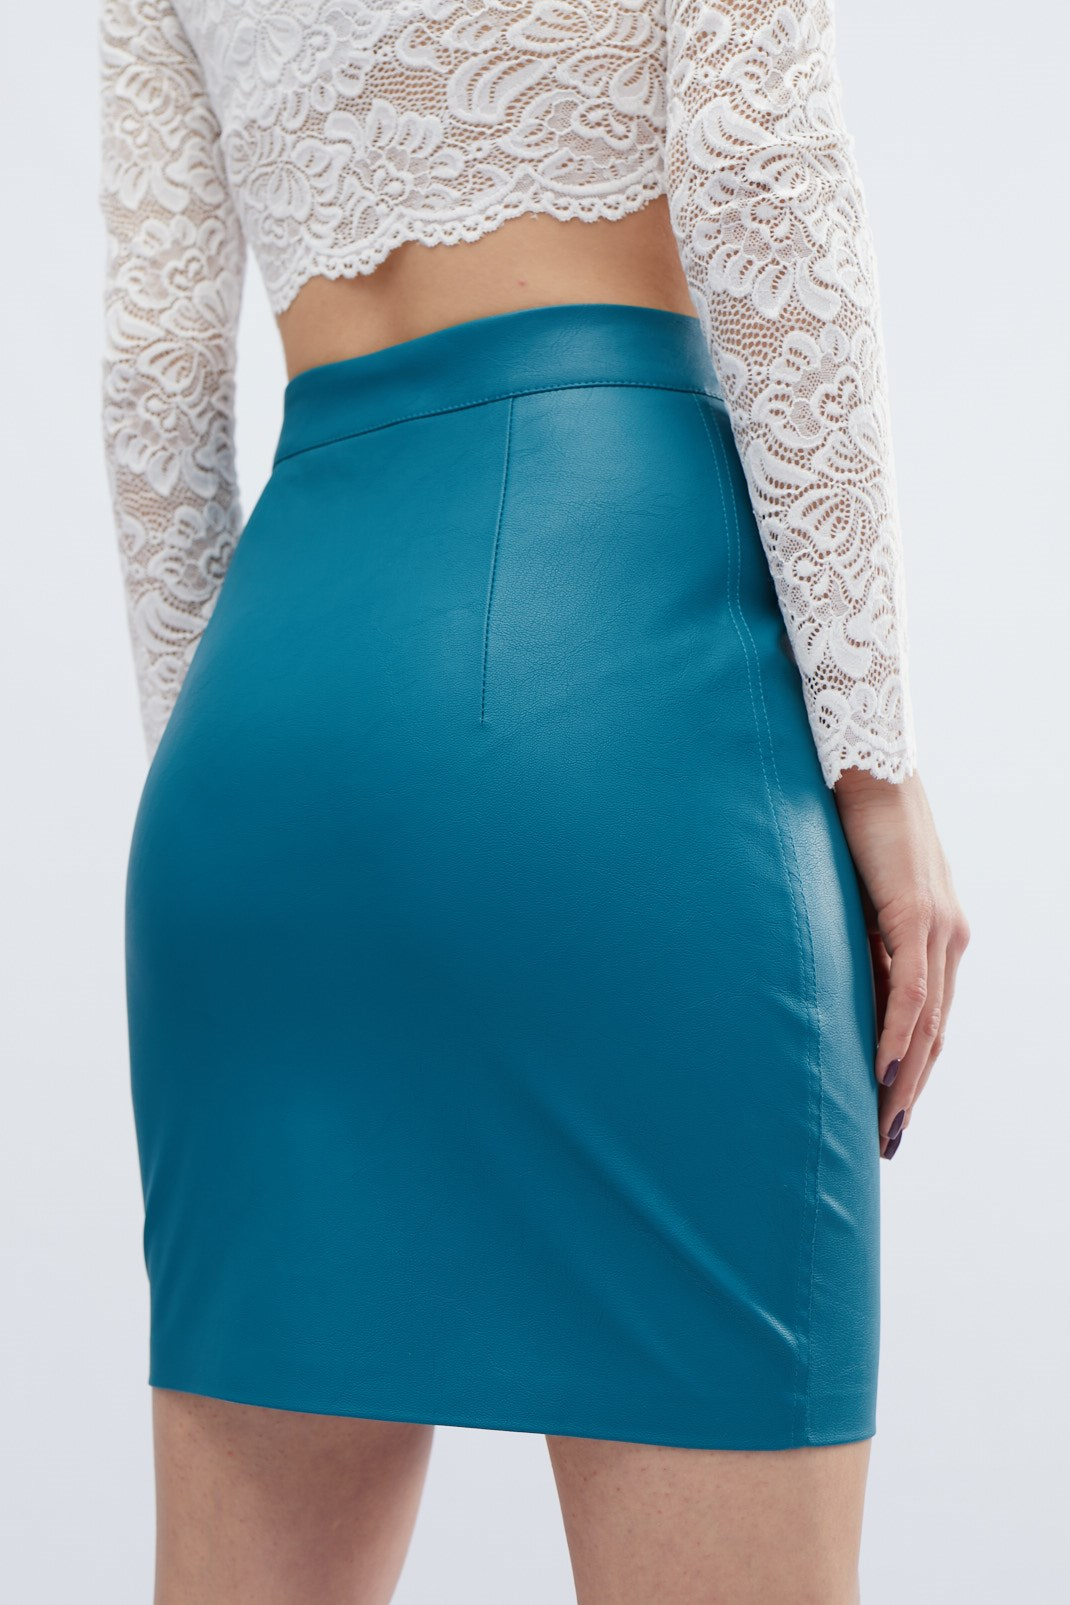 Женская юбка в обтяжку 4